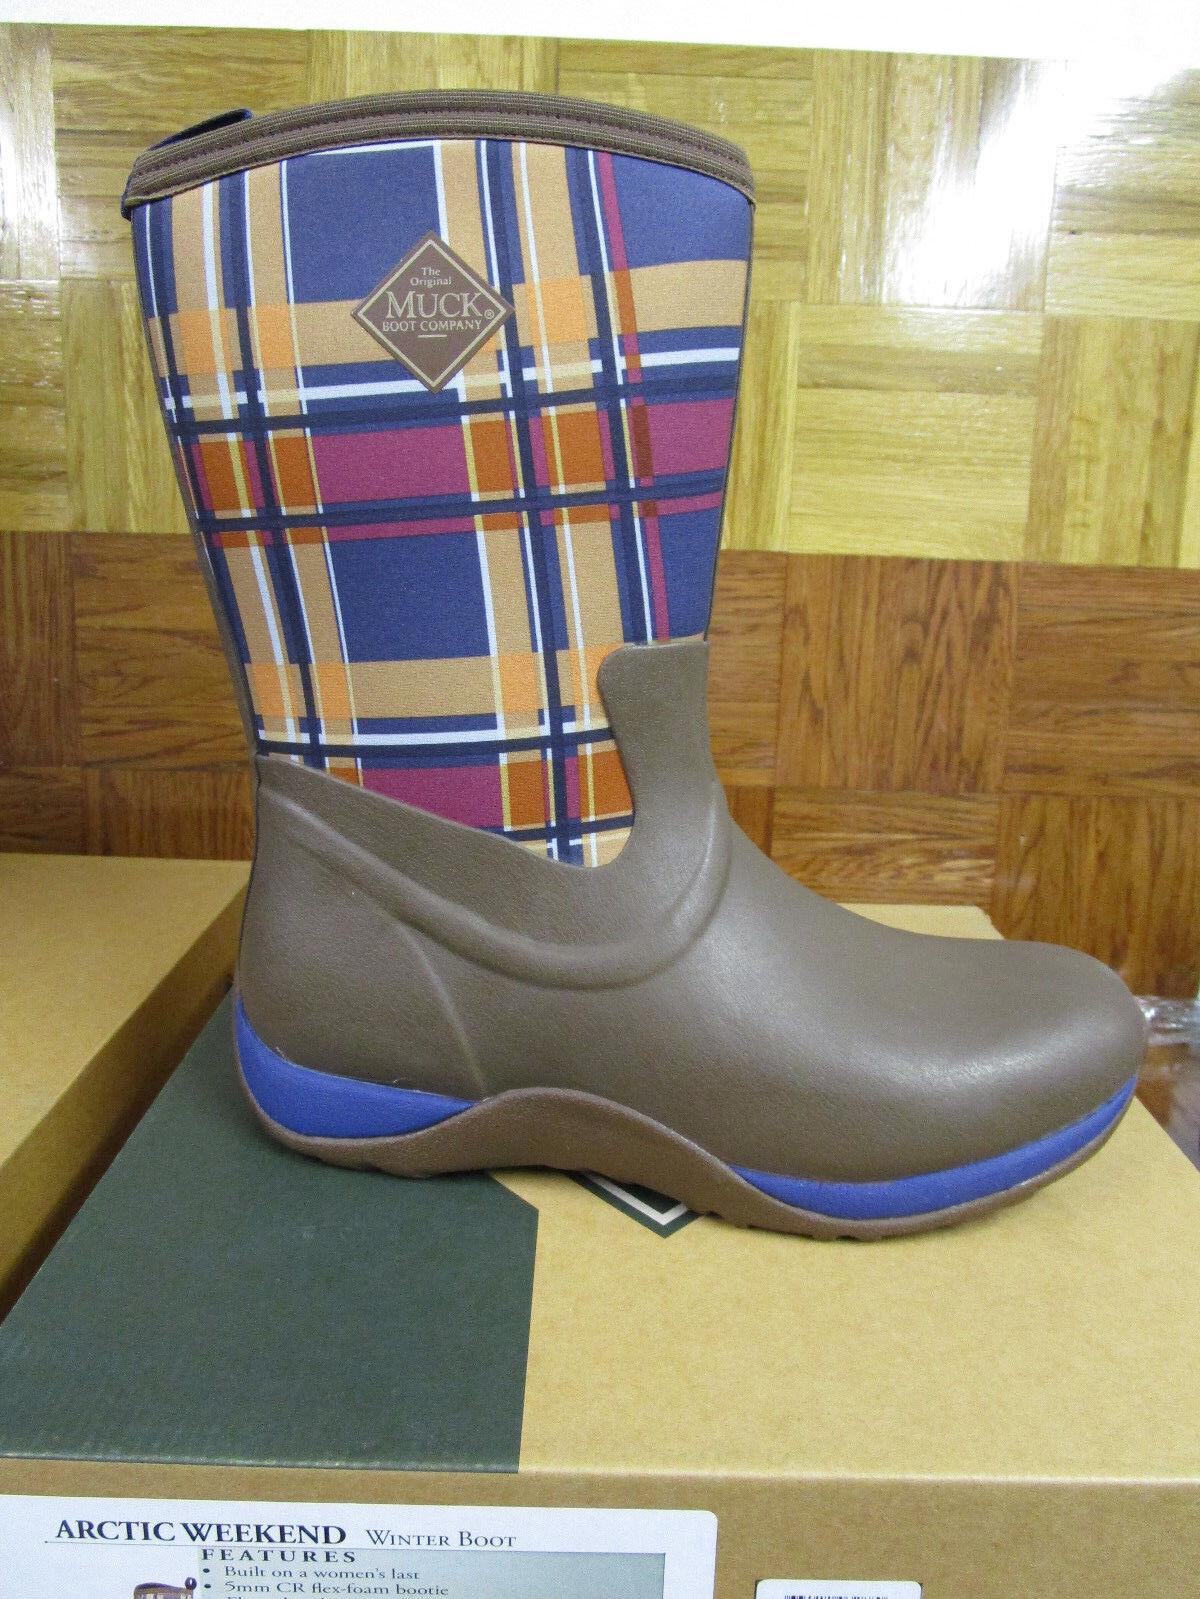 100% nuovo di zecca con qualità originale Muck stivali Donna  Arctic Weekend Winter Winter Winter stivali Marrone Navy Plaid Dimensione 11 M  servizio premuroso